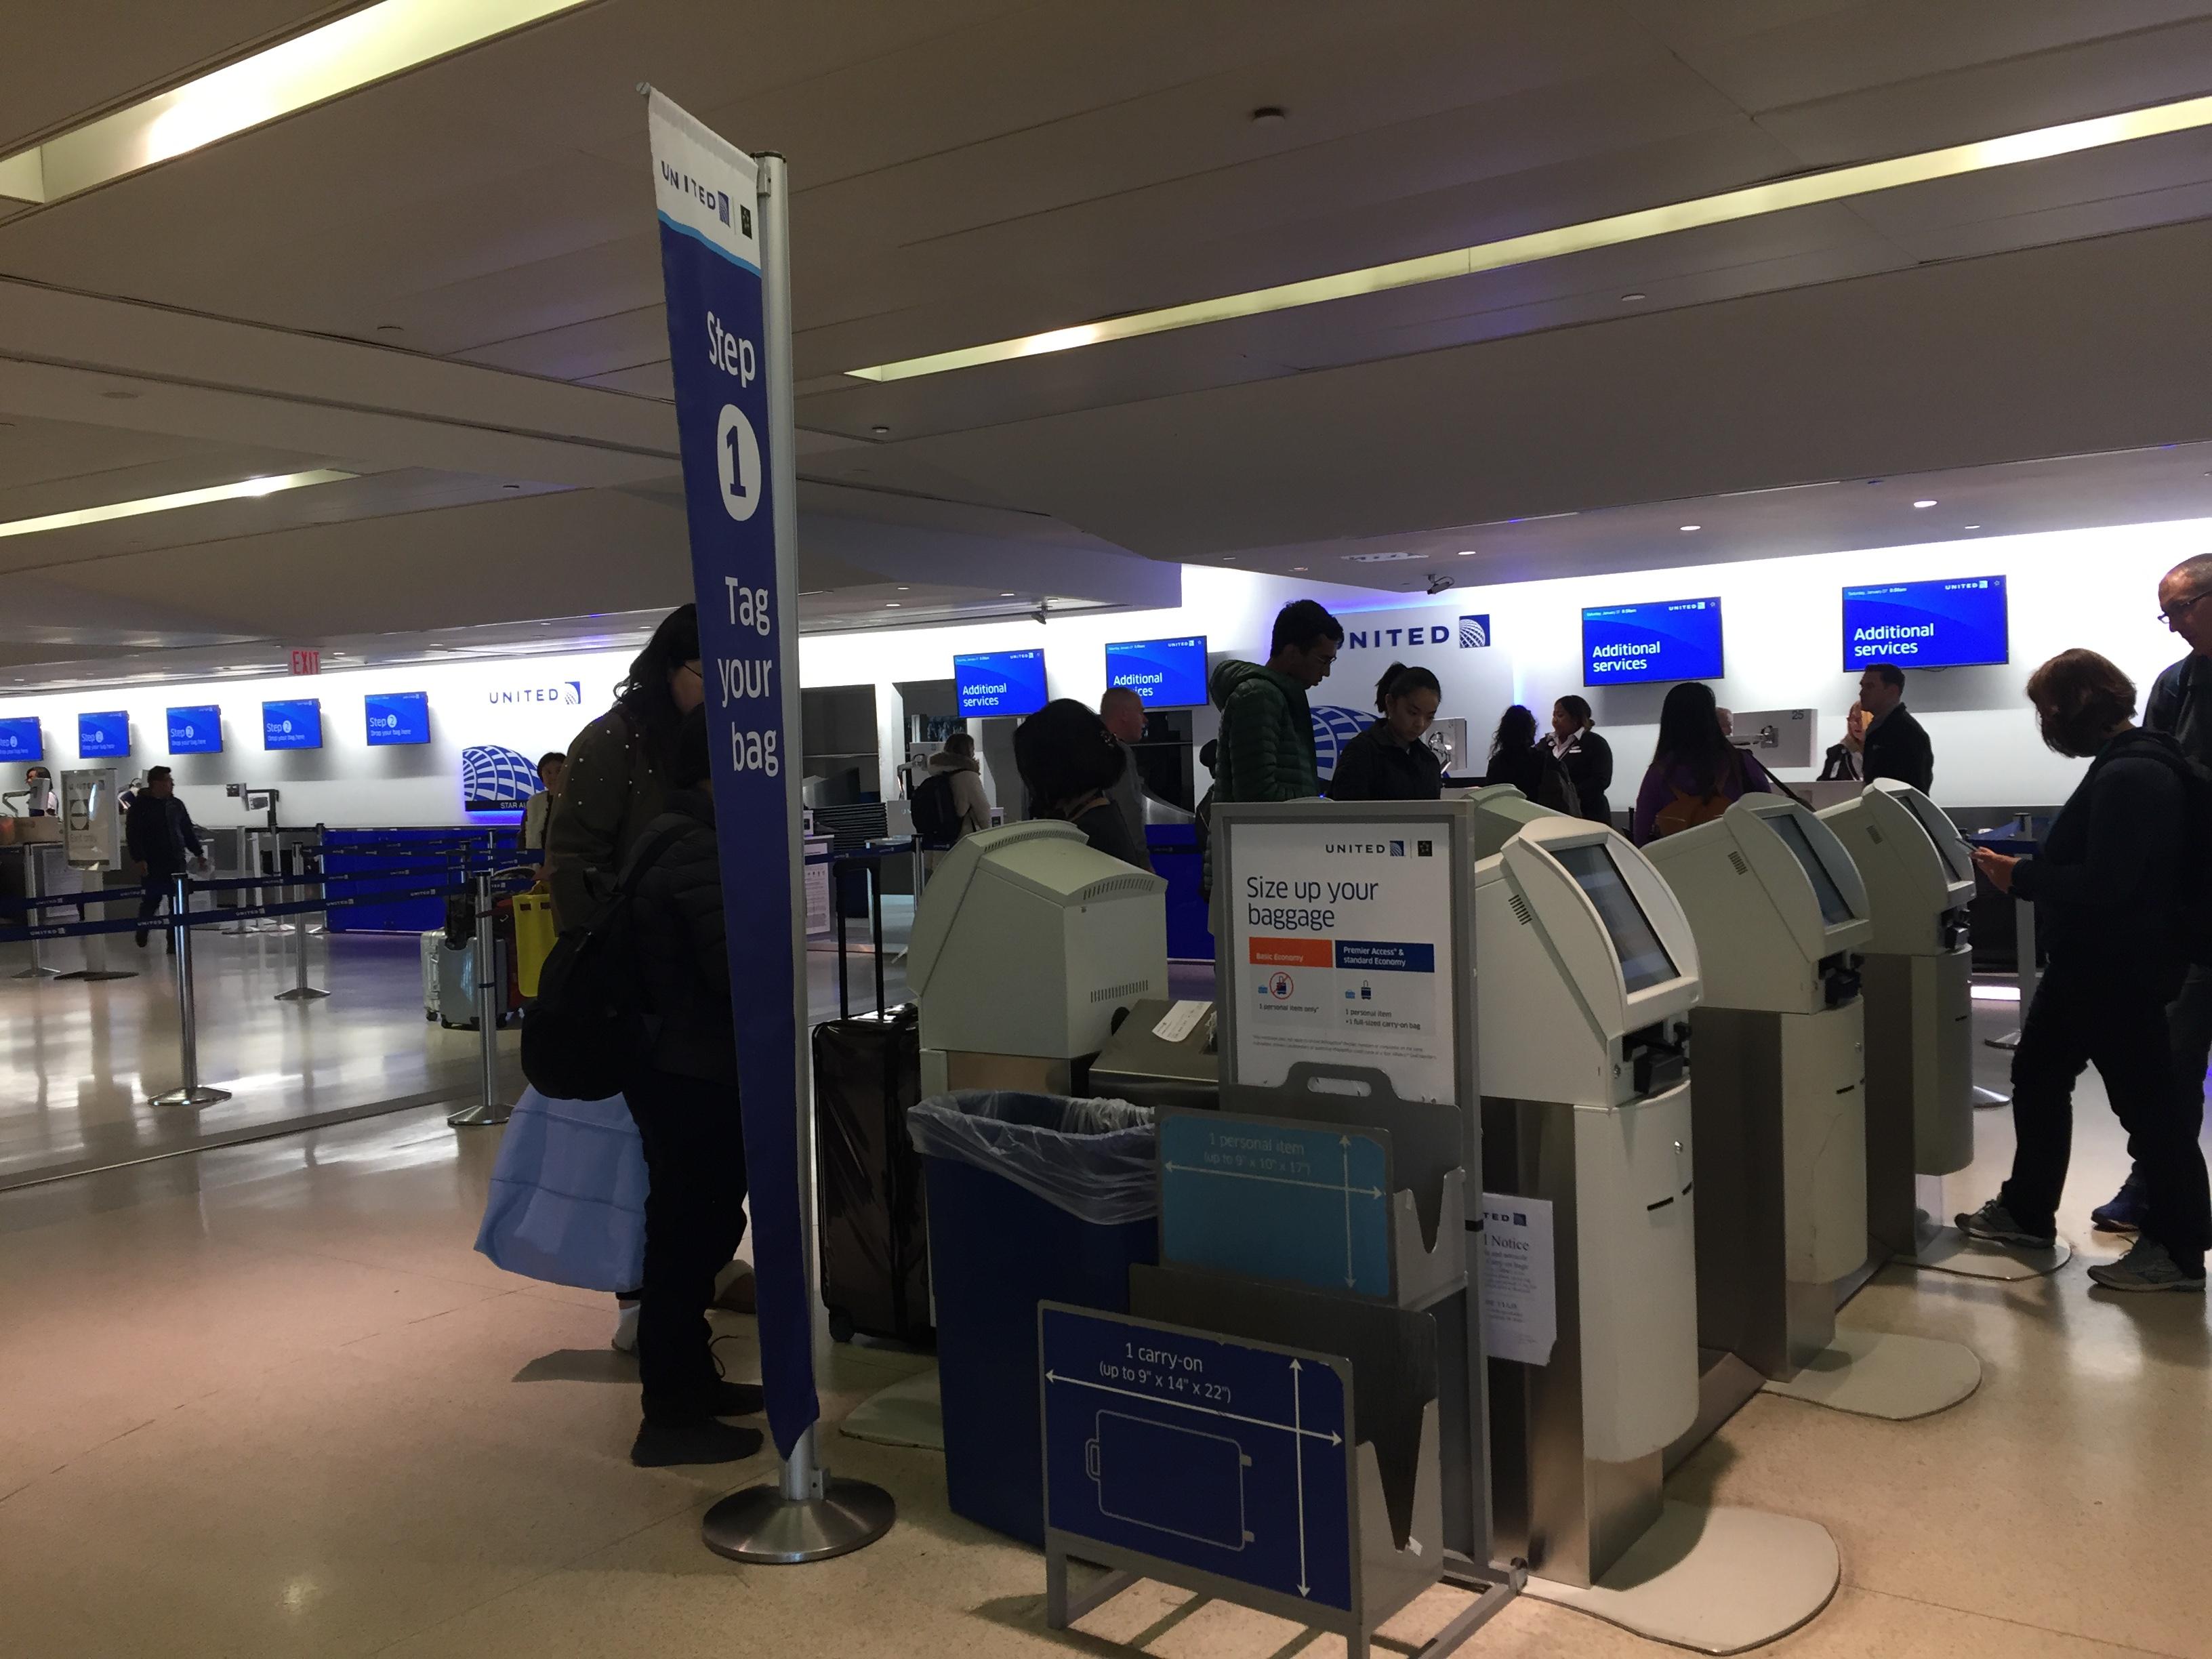 IMG 3565 - Haciendo el check in automático de United en Newark